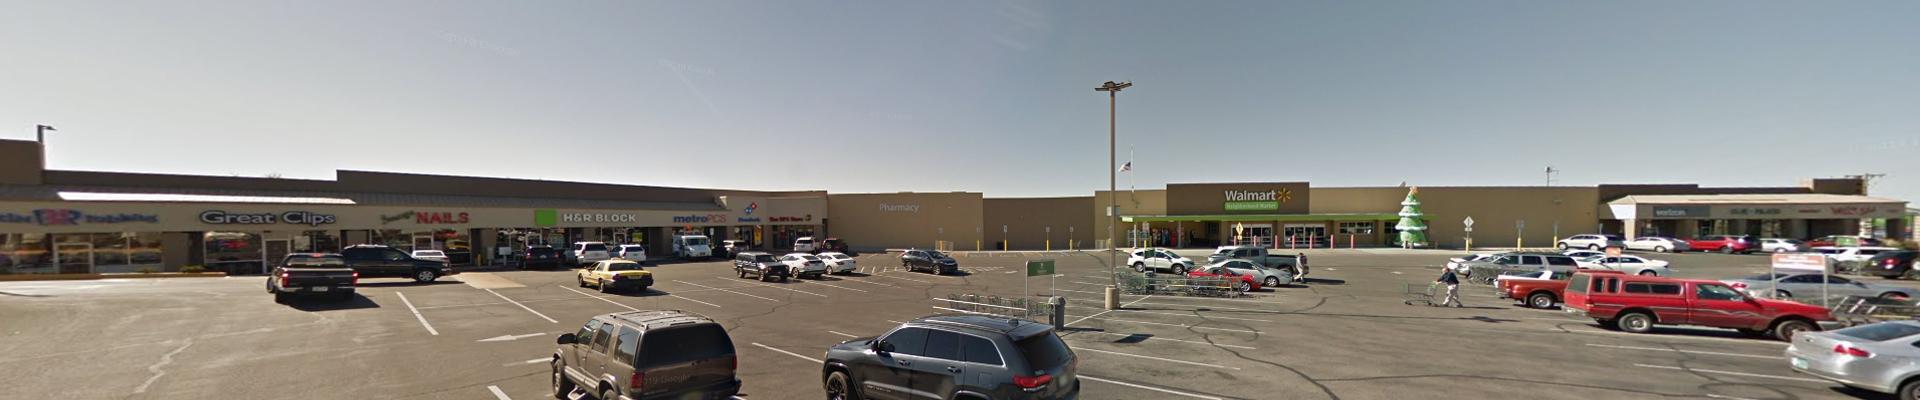 Juan Tabo Plaza – Albuquerque, New Mexico